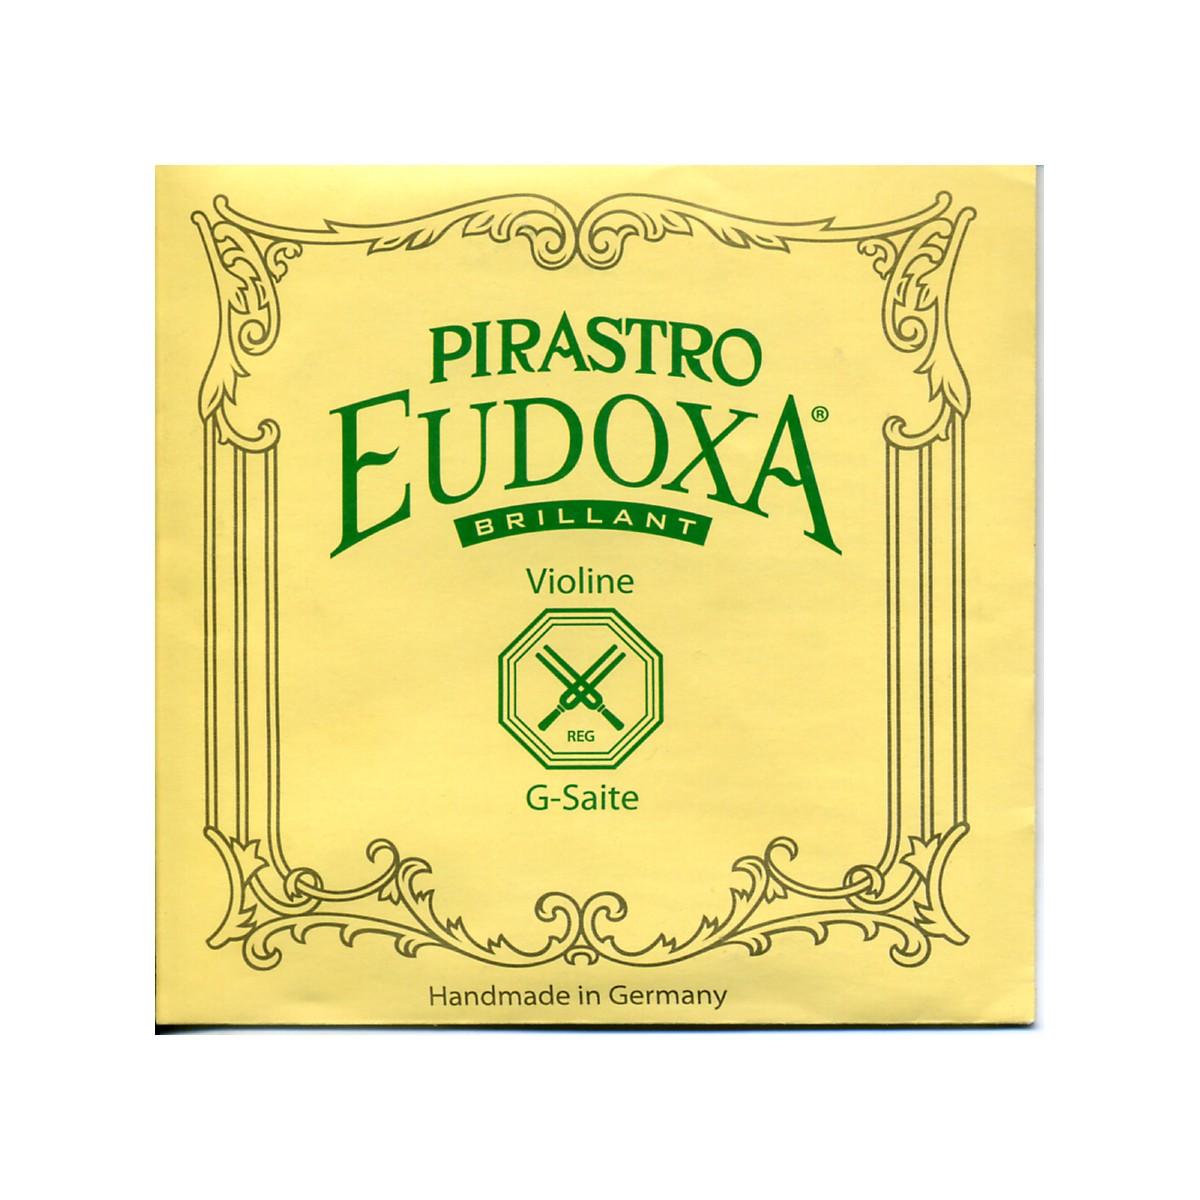 Pirastro Eudoxa Violin Strings